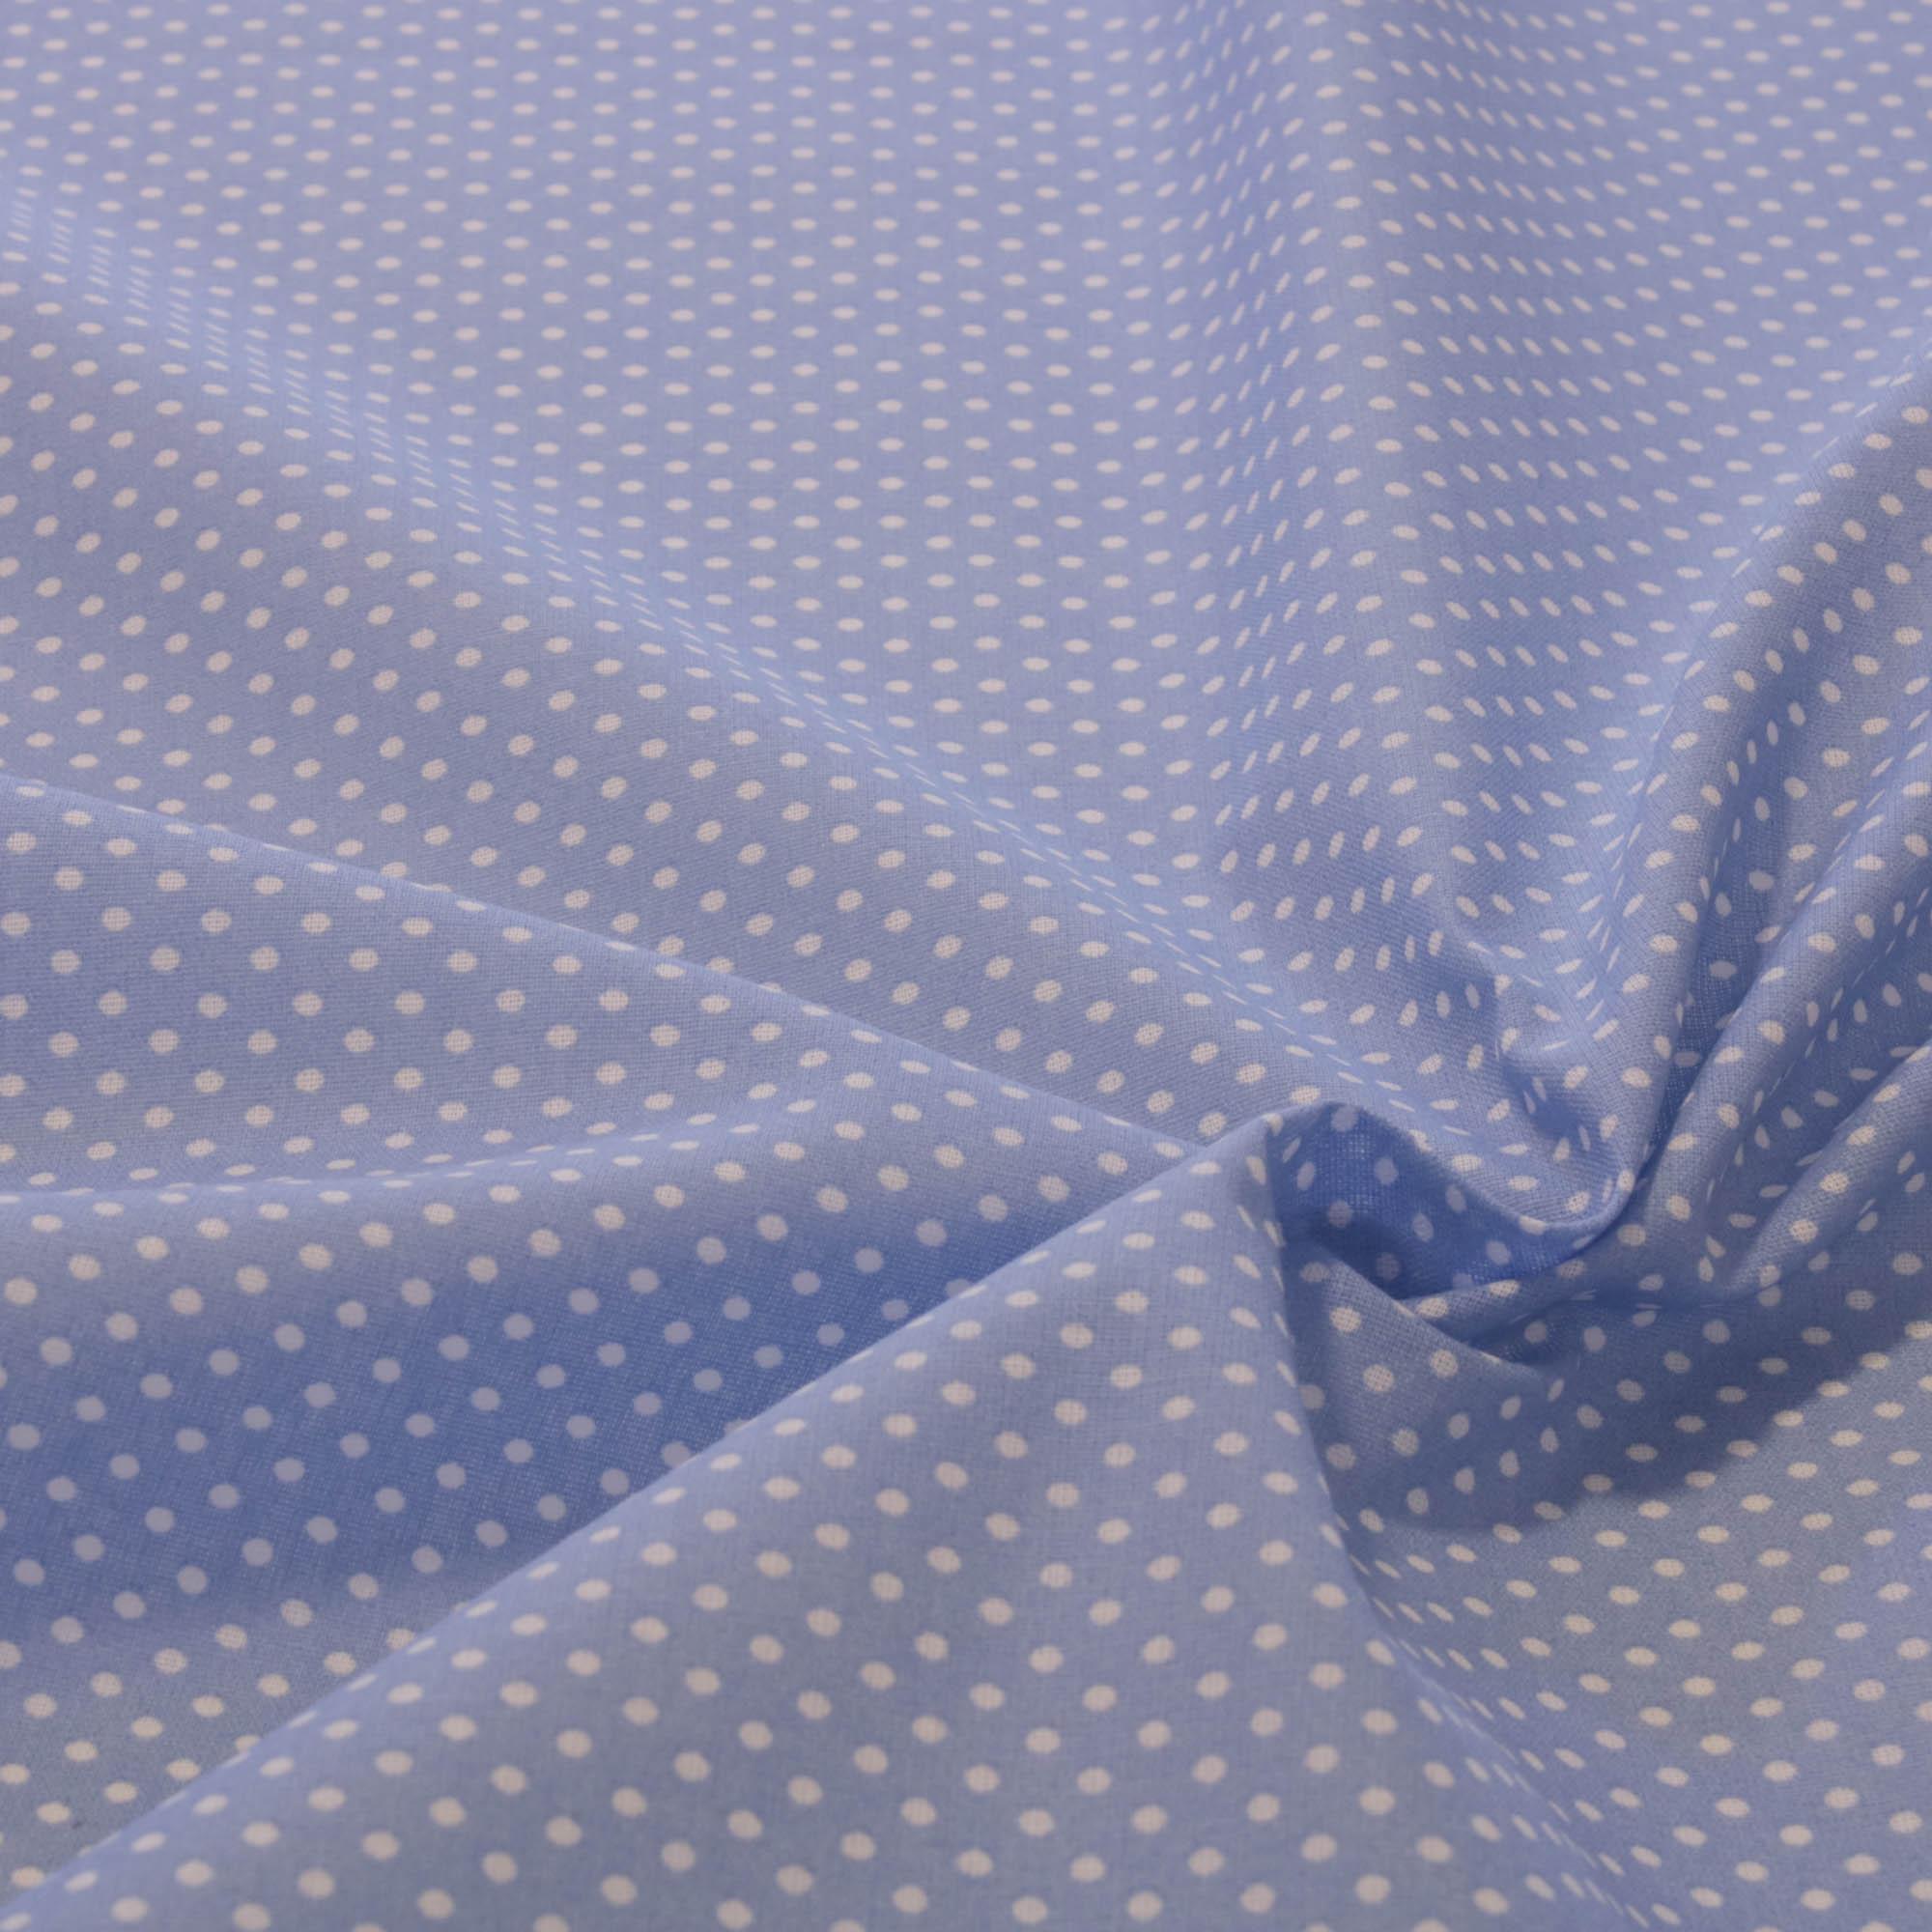 Tecido tricoline poa bolinha 1,40 m largura azul claro